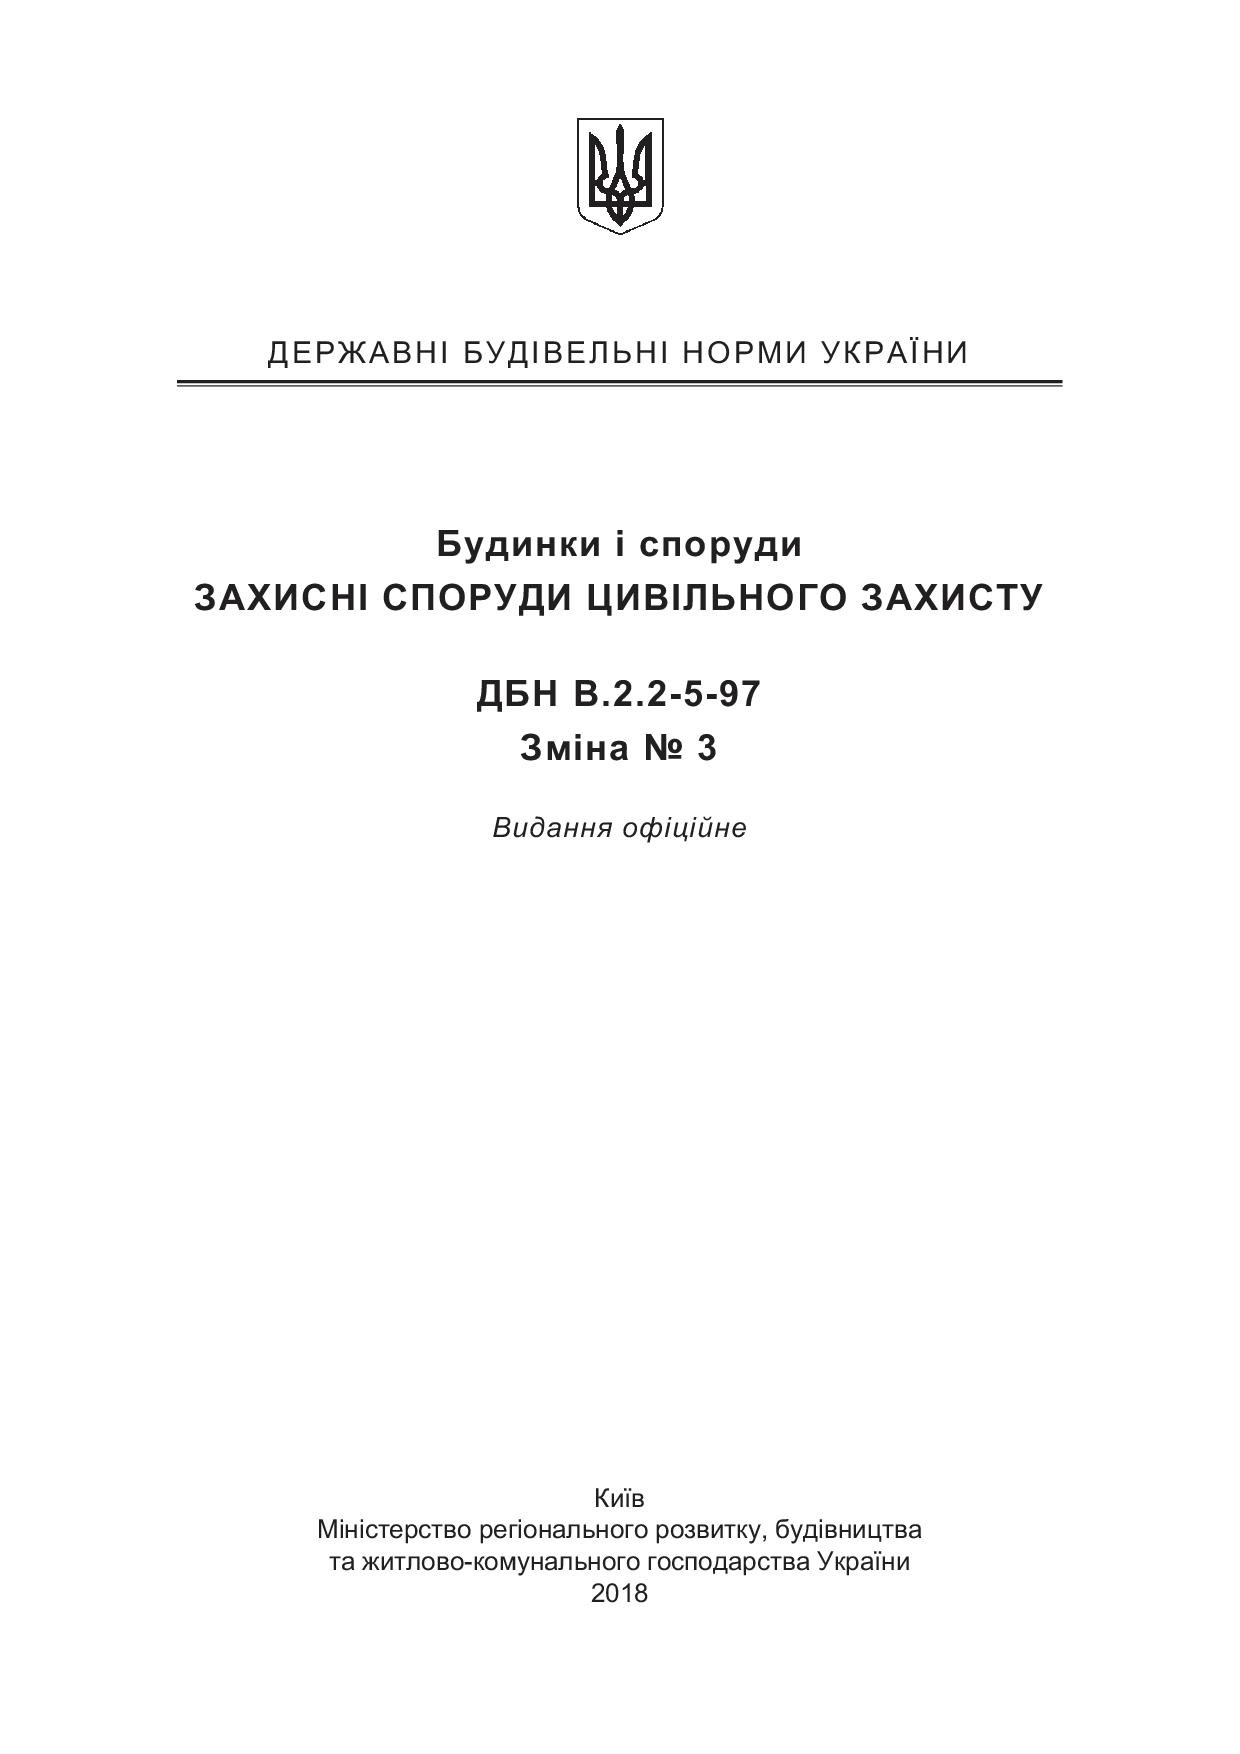 ZM3_DBN_V225